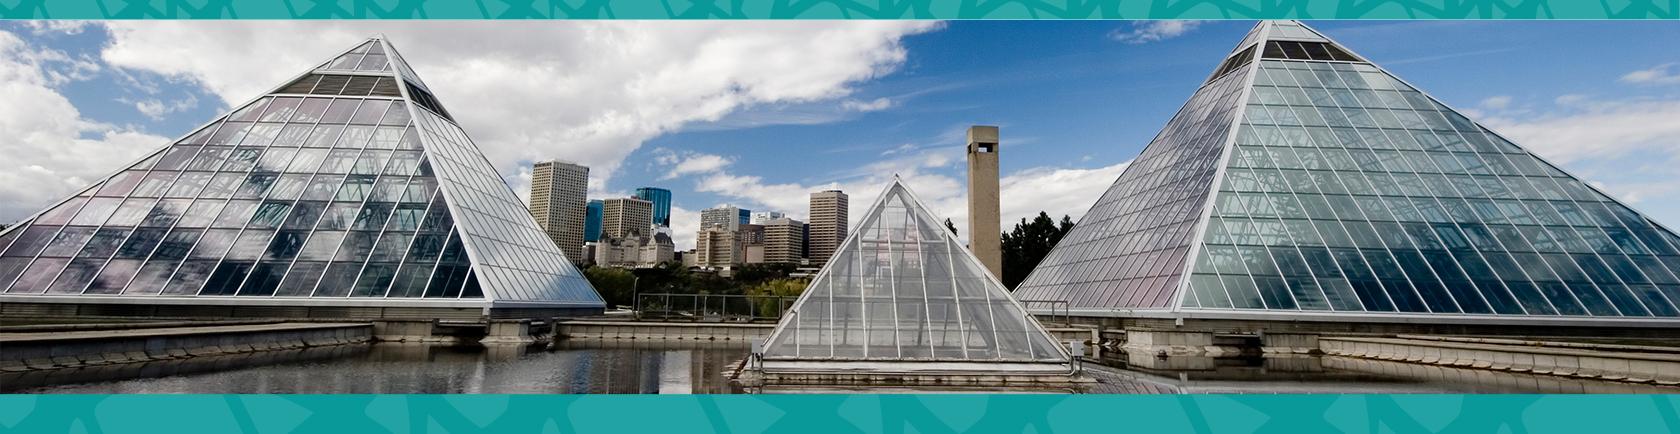 Sites de rencontre pour Edmonton Alberta